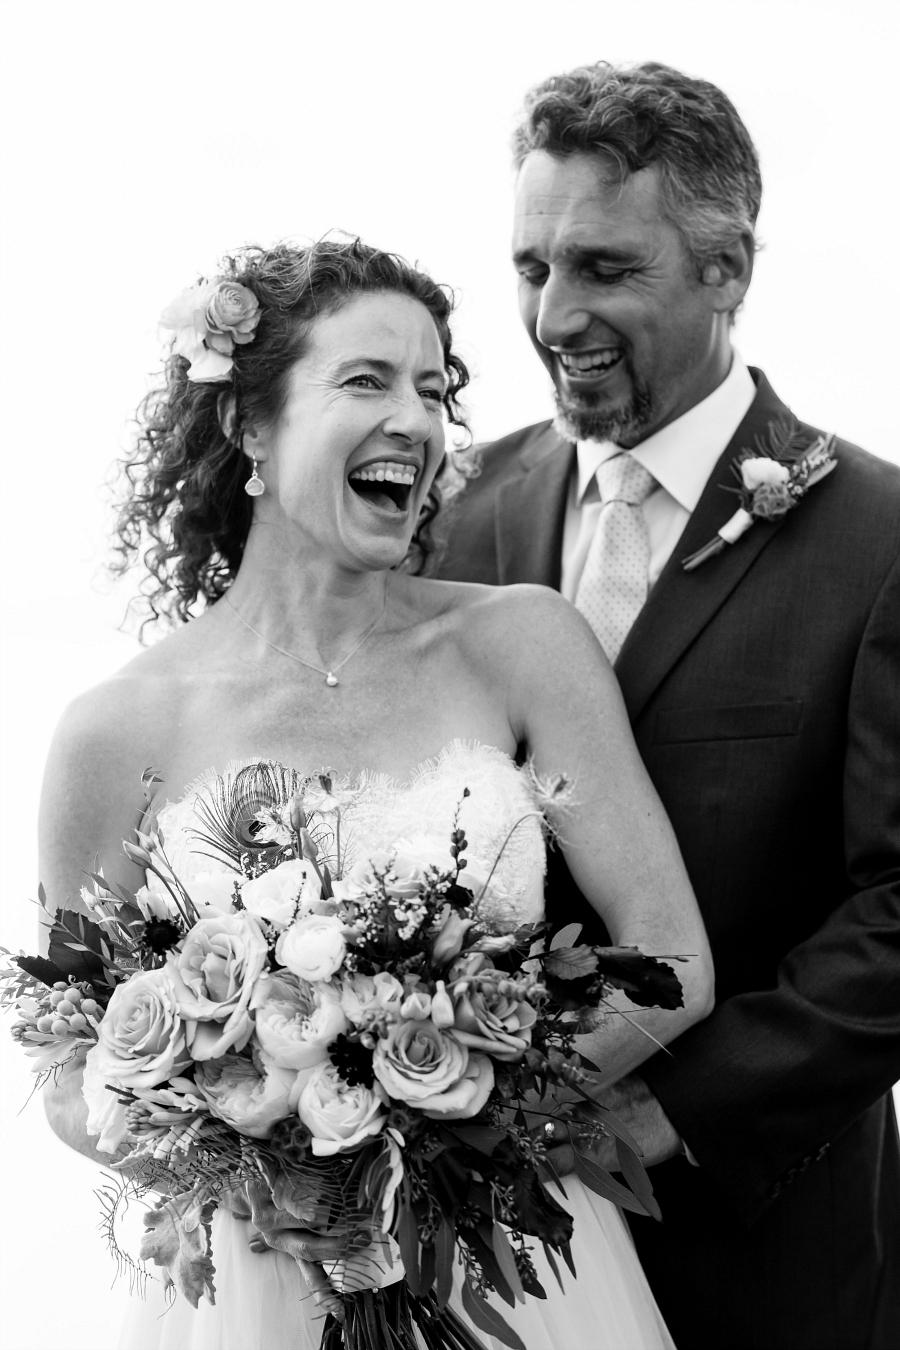 Studio Posy Wedding Day Florals for Bride